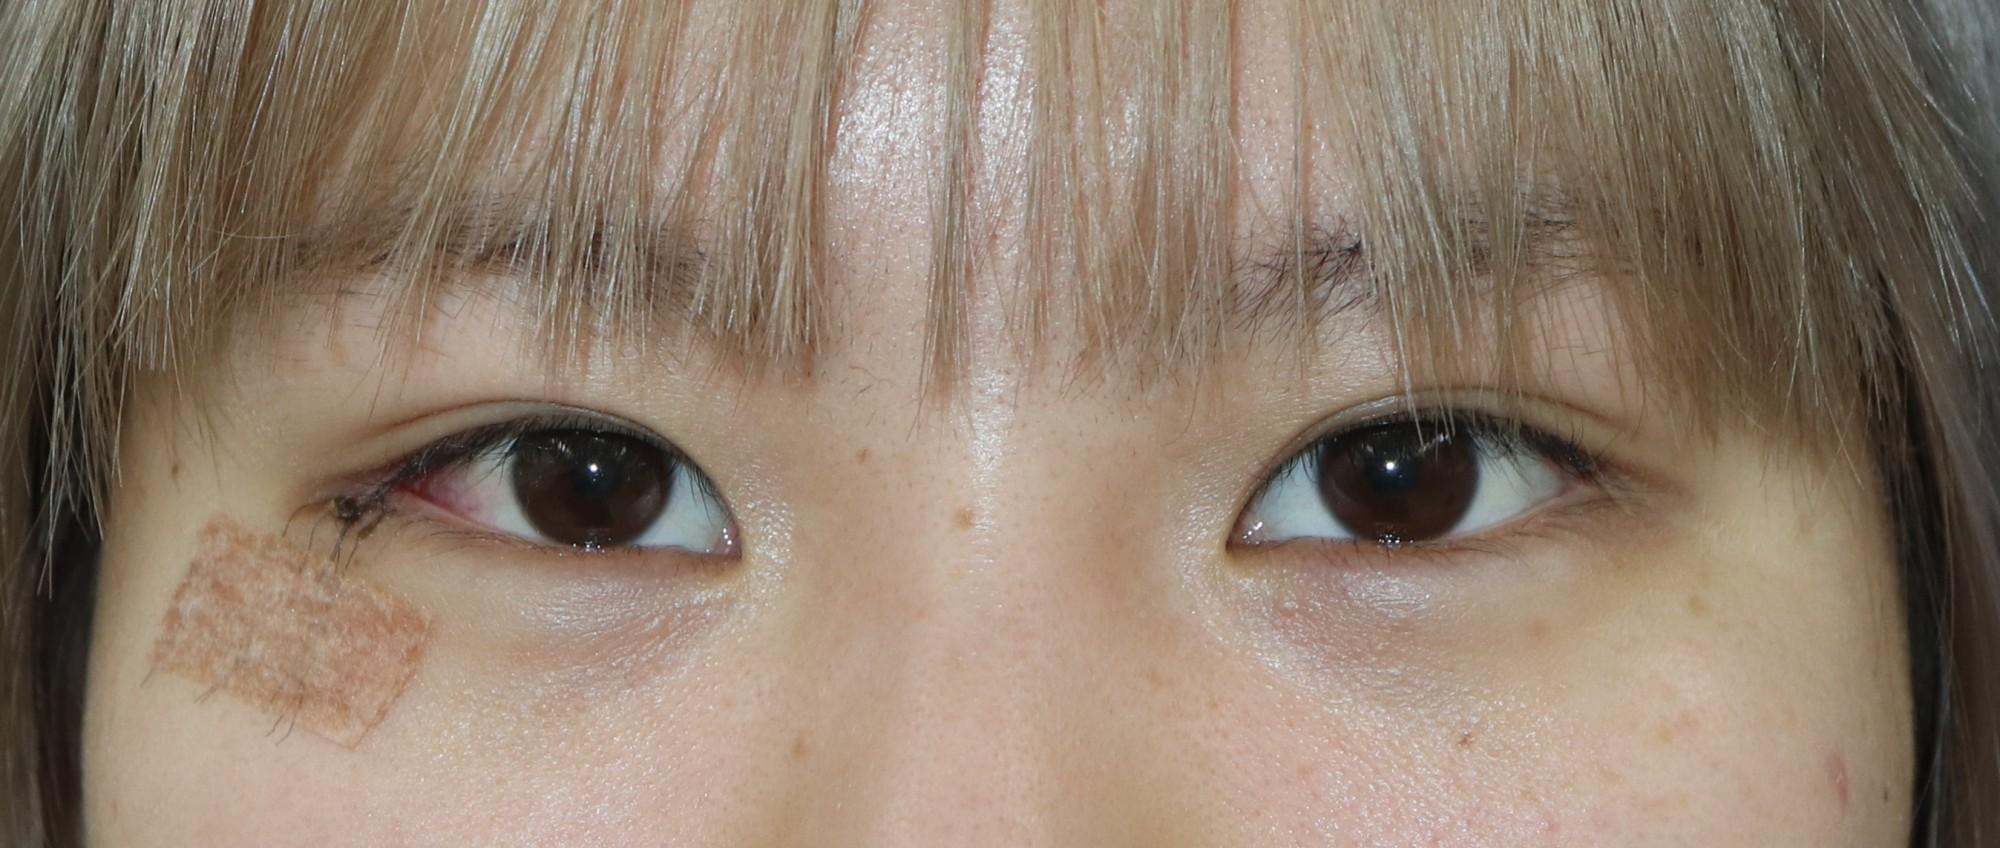 目尻切開修正術の腫れ方